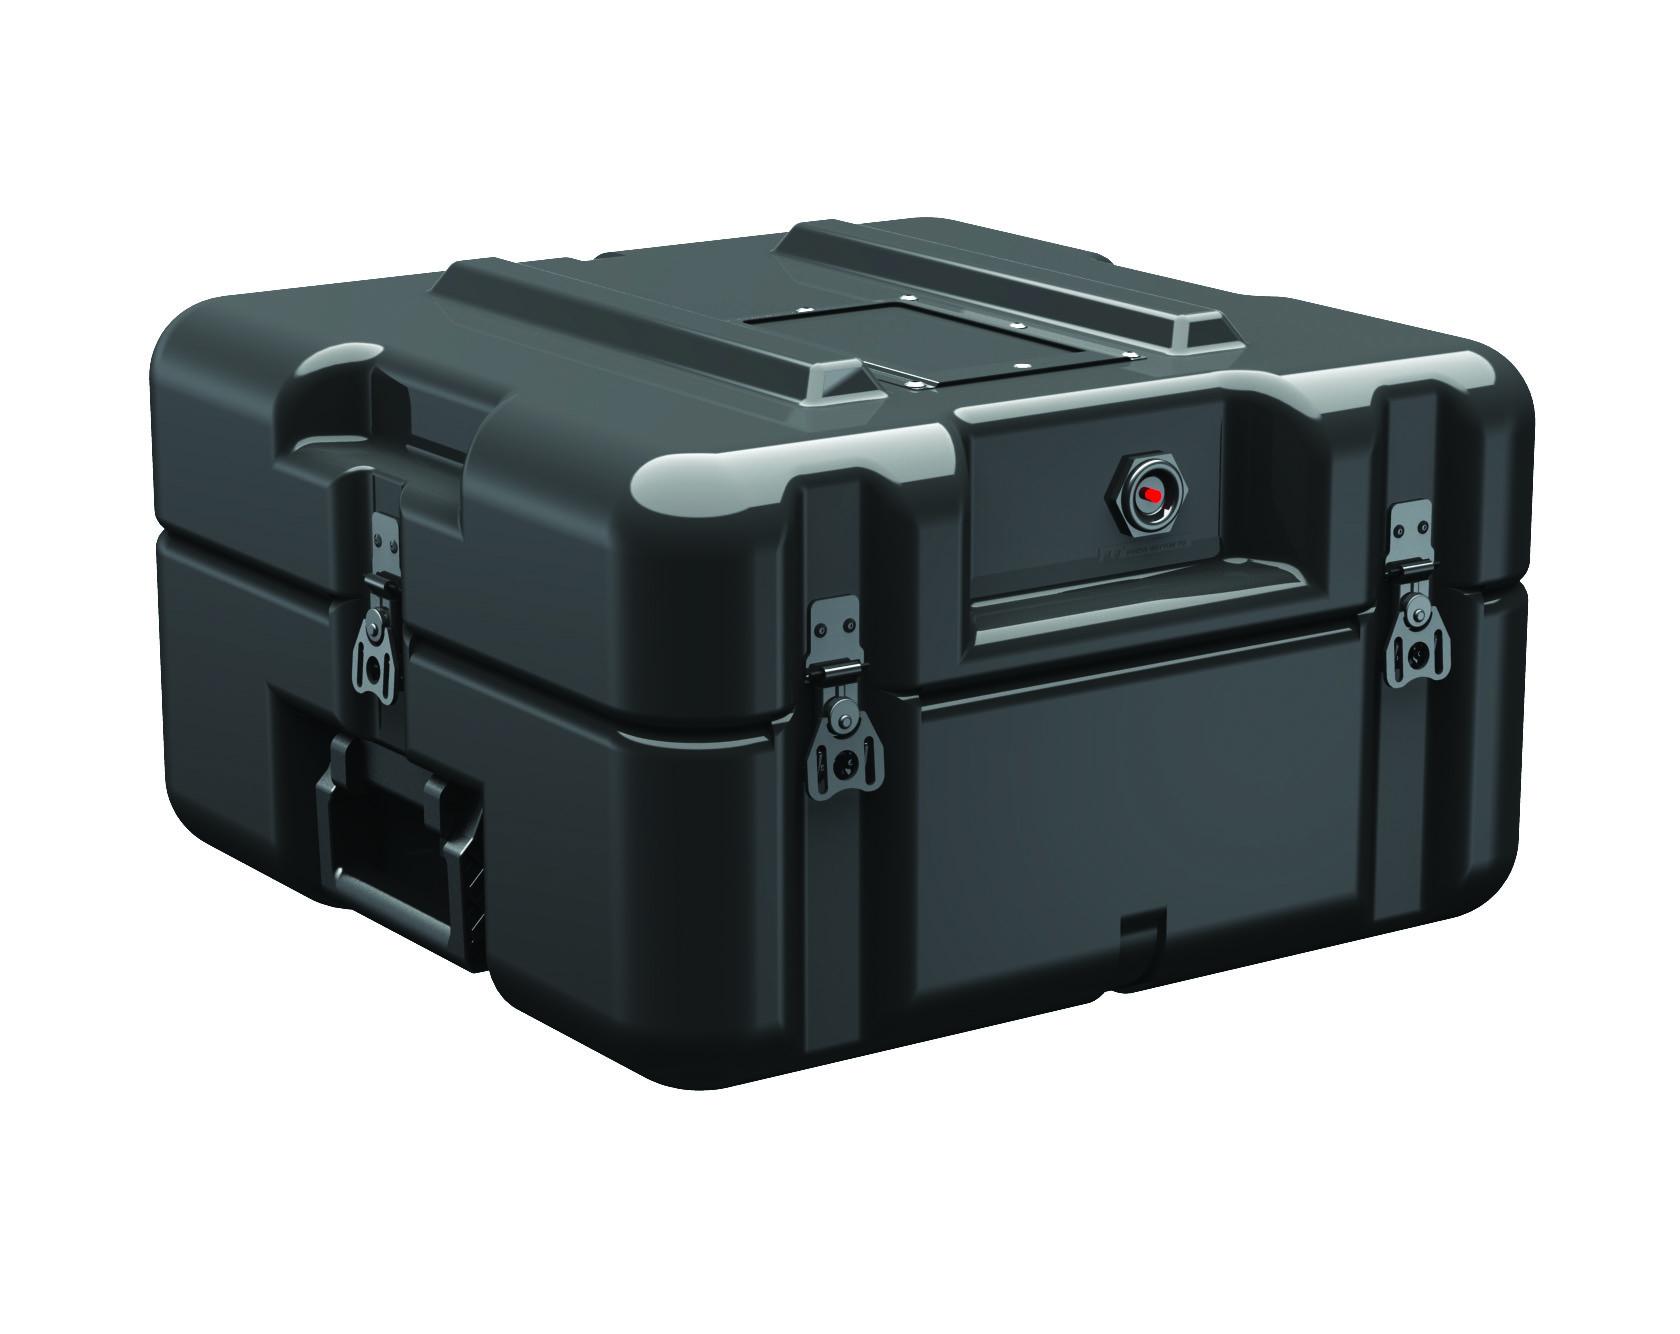 AL1616-0504 - AL1616-0504 Pelican Hinged Flat Case Transport